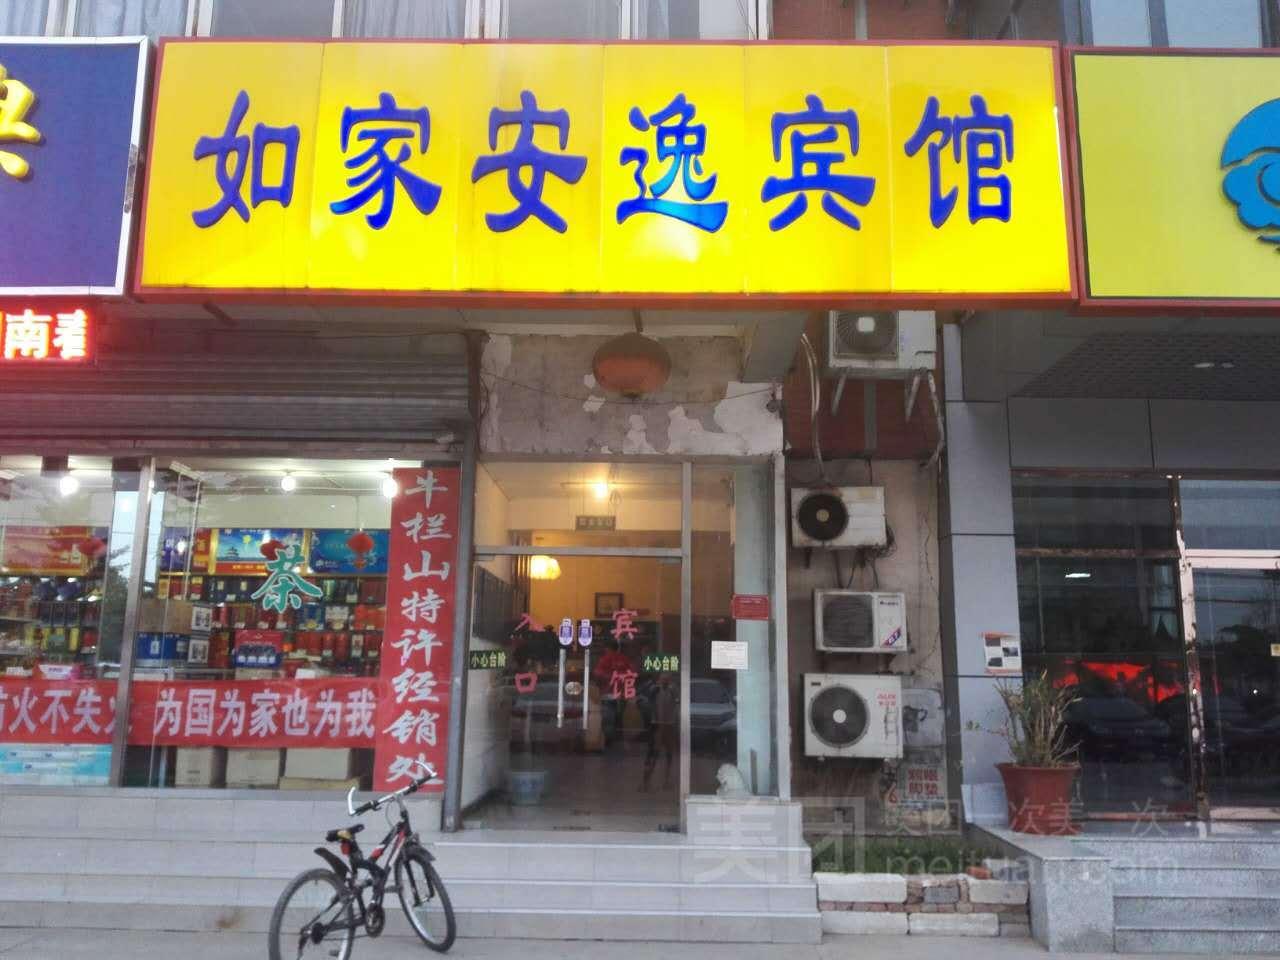 北京如家安逸旅馆预订/团购